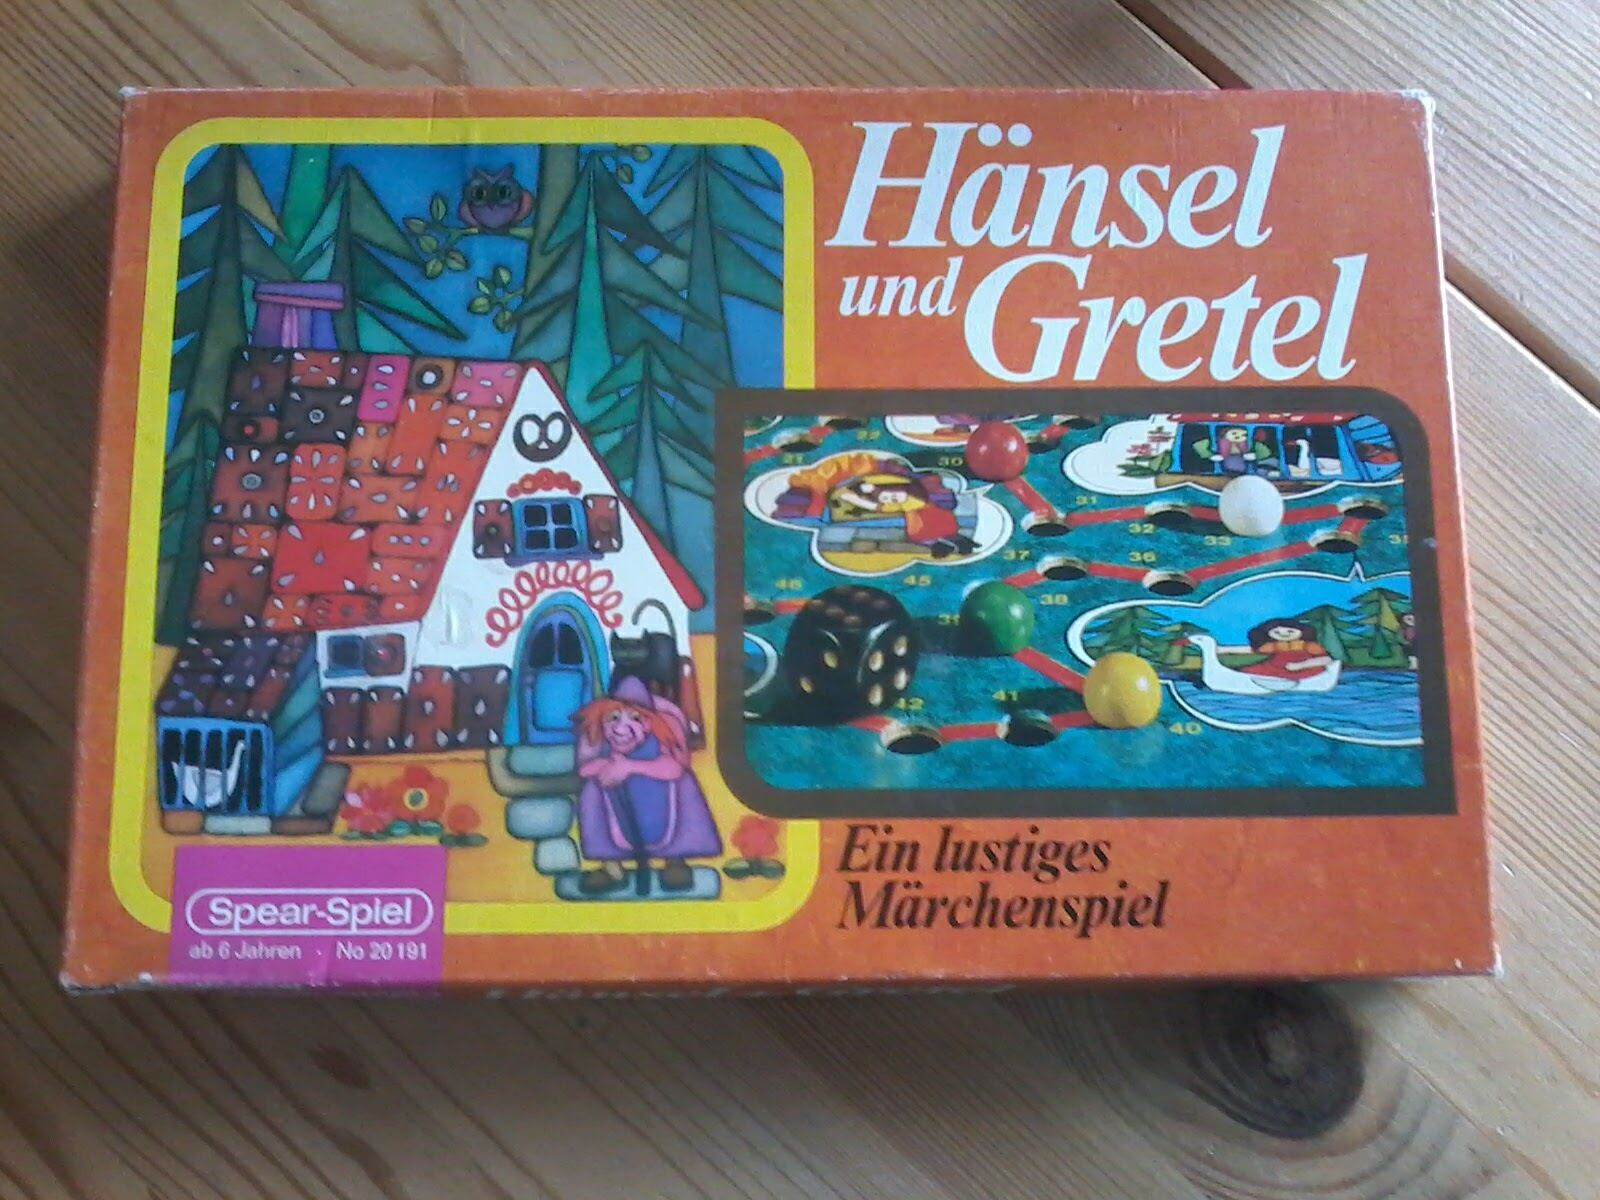 Hansel e Gretel un divertente fiabe gioco Spear-gioco 20 191, Rarità